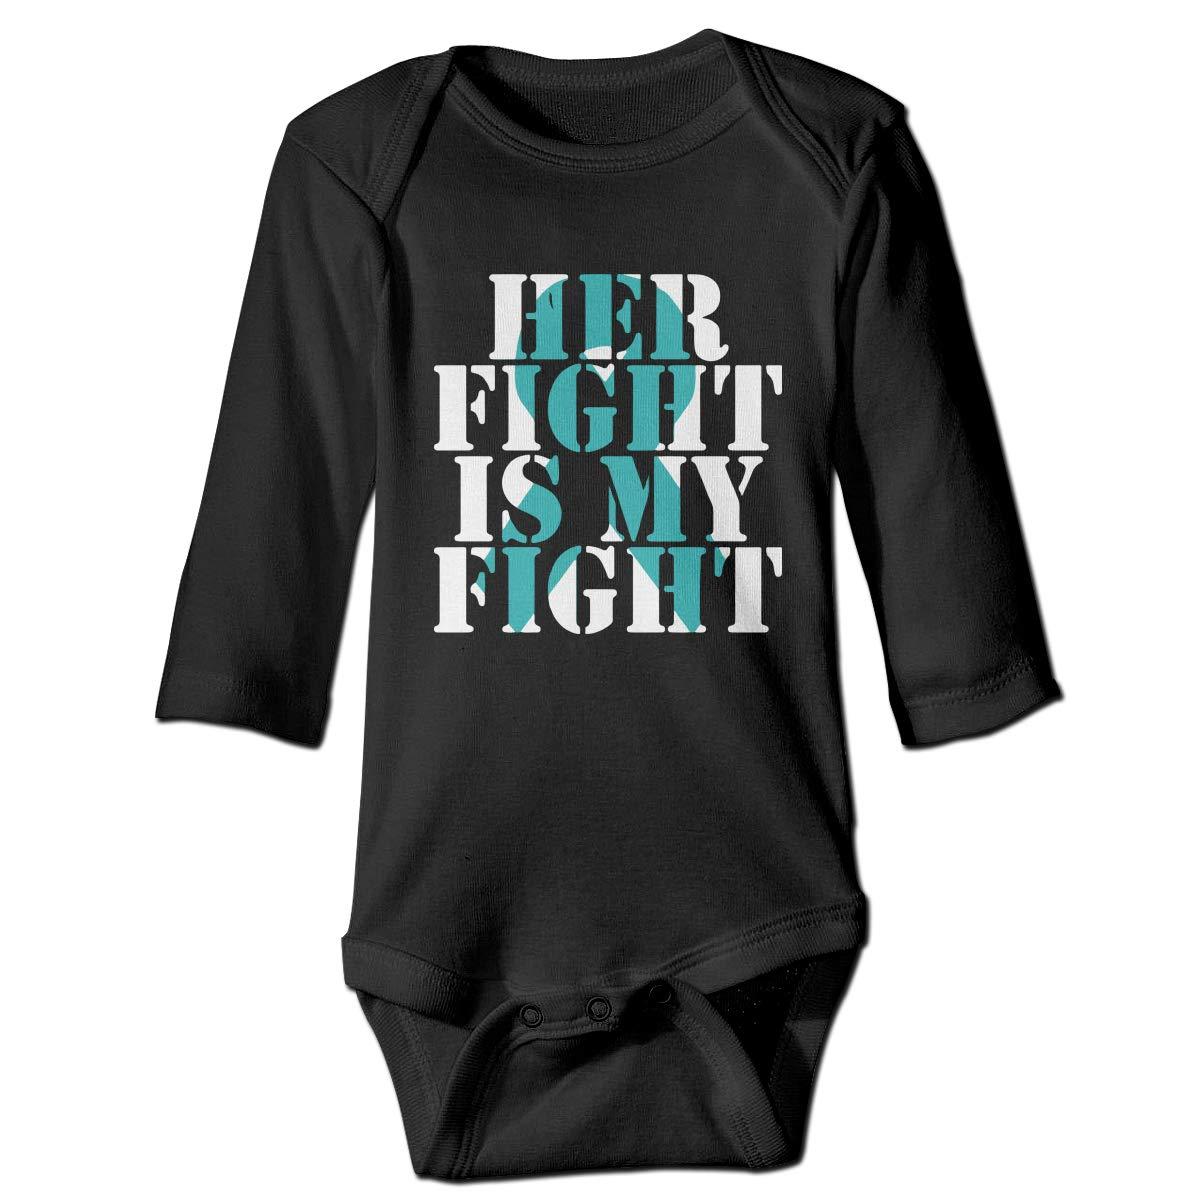 CZDedgQ99 Newborn Ovarian Cancer Awareness Long Sleeve Climbing Clothes Bodysuits Suit 6-24 Months